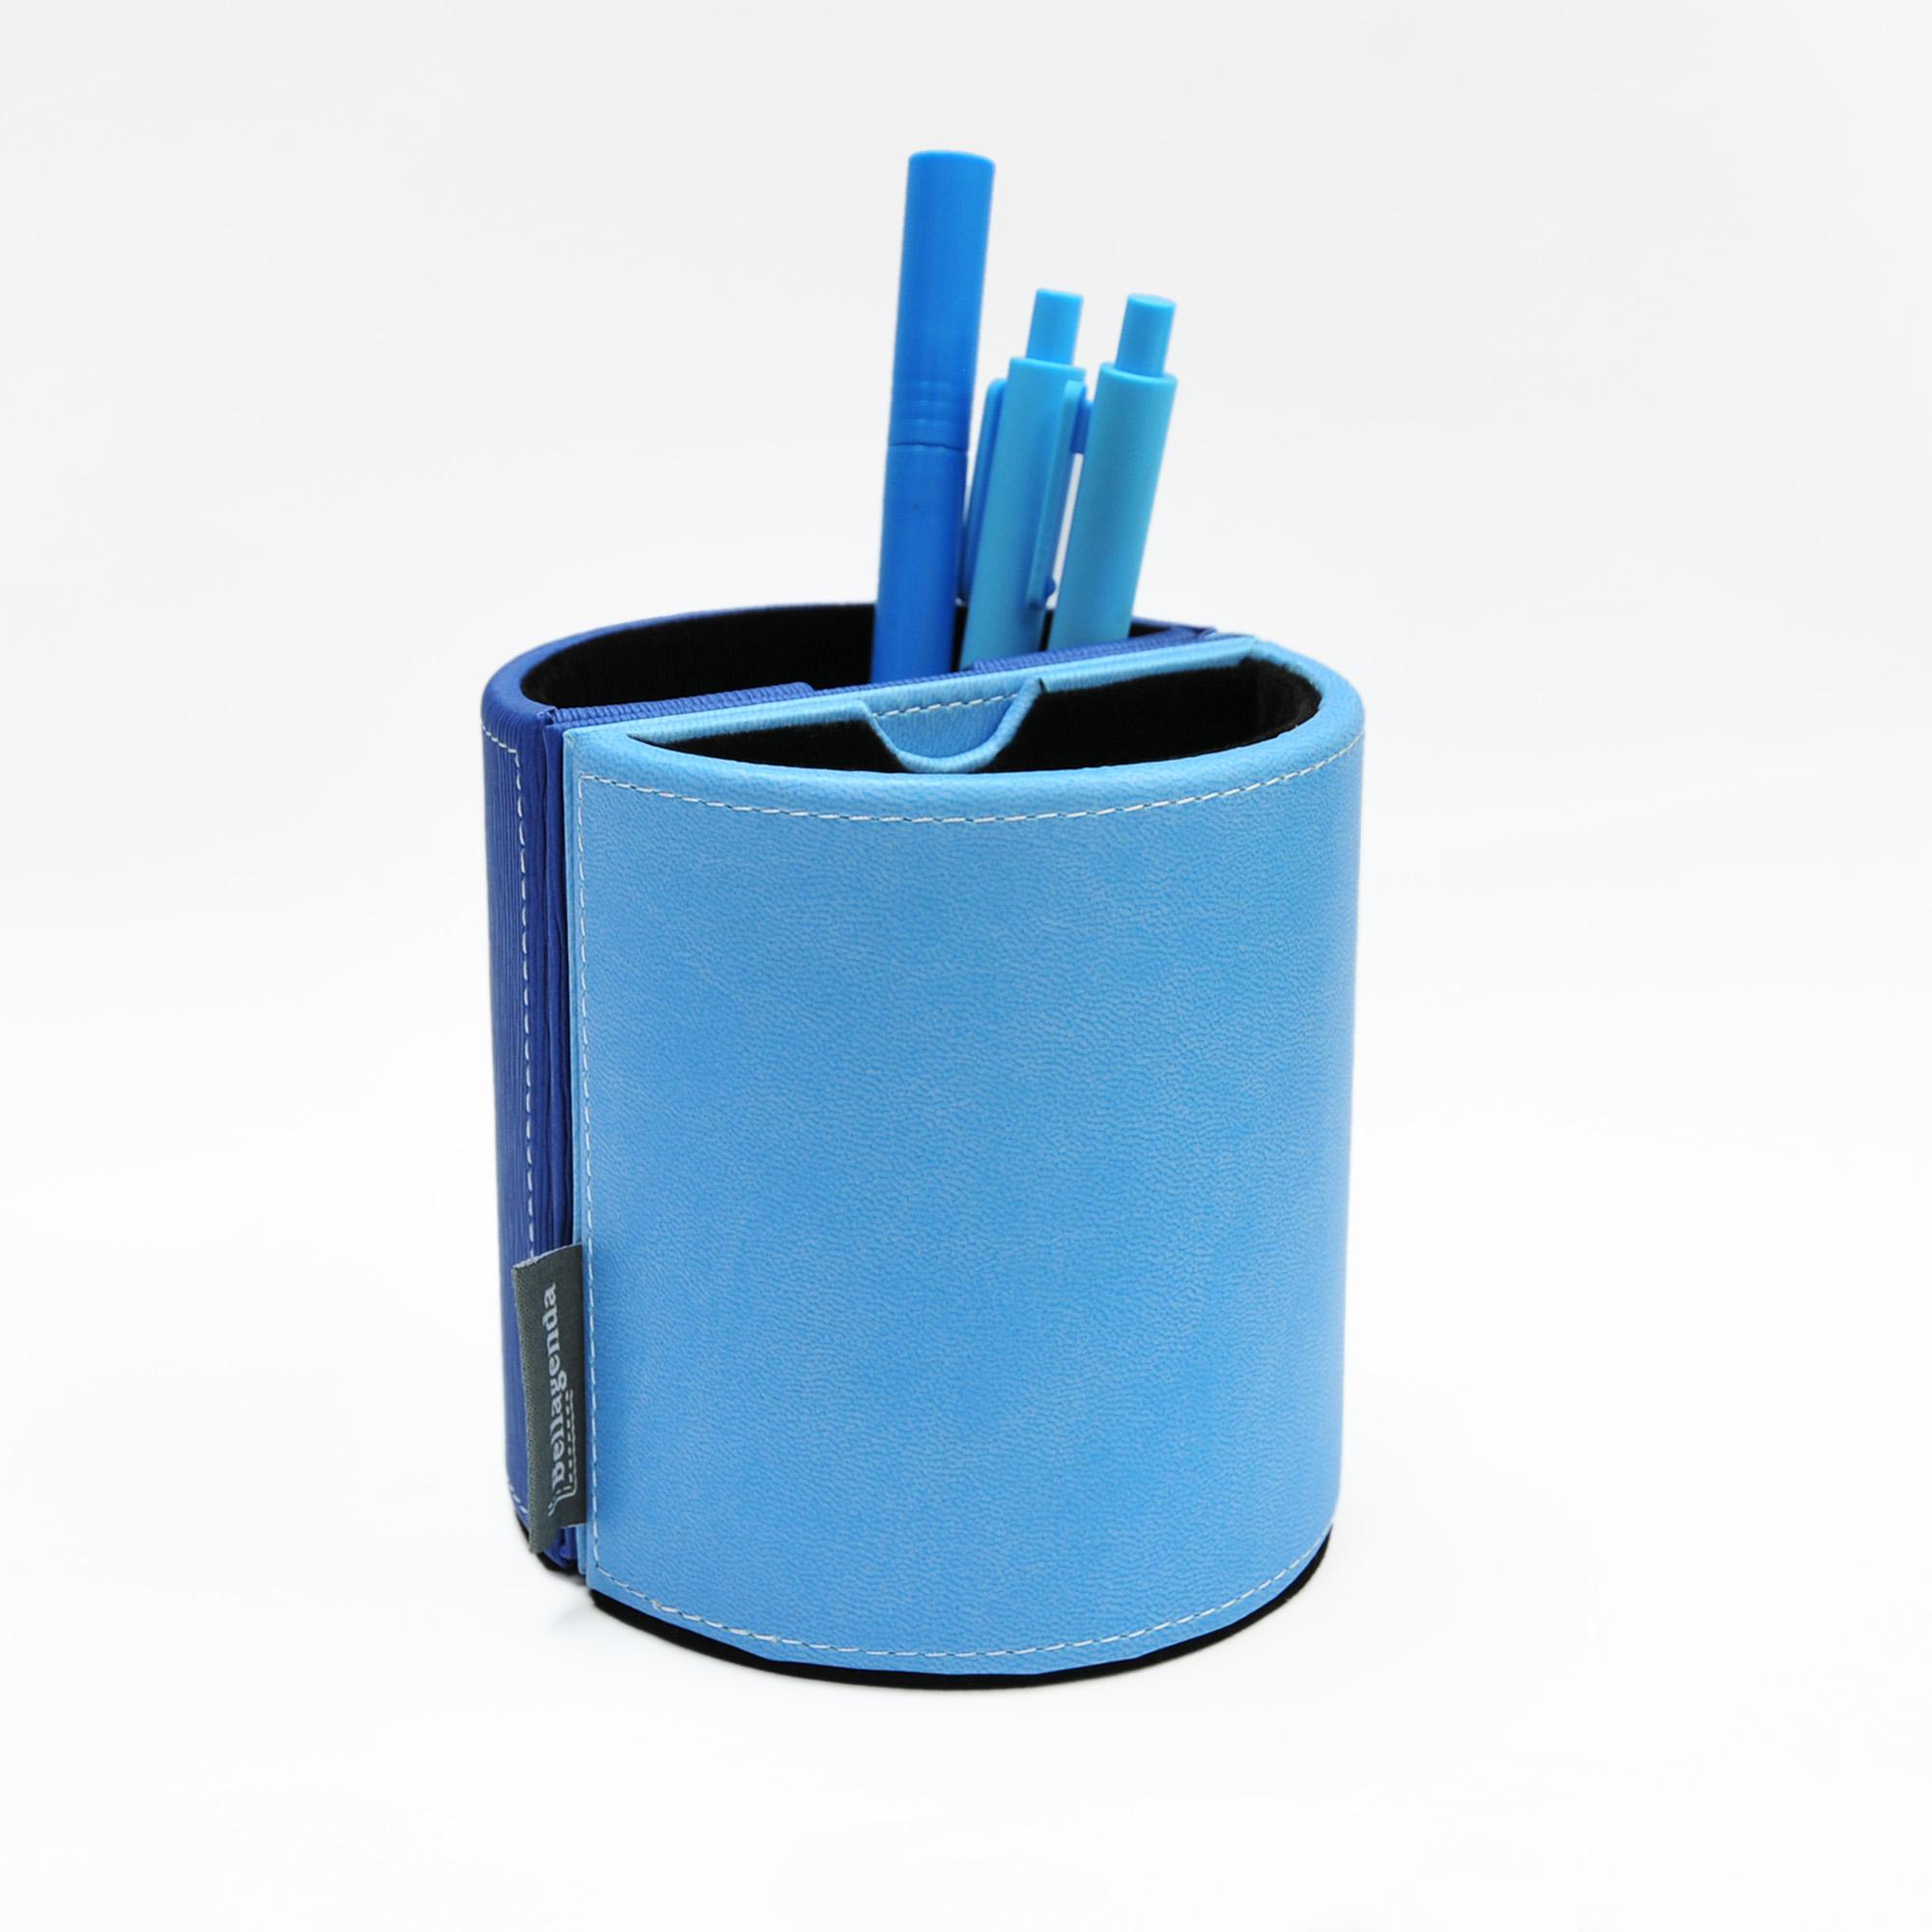 استخدام الترويجية بولي Leather إطارات الصور الجلدية مع حامل قلم لمكاتب الطلاب